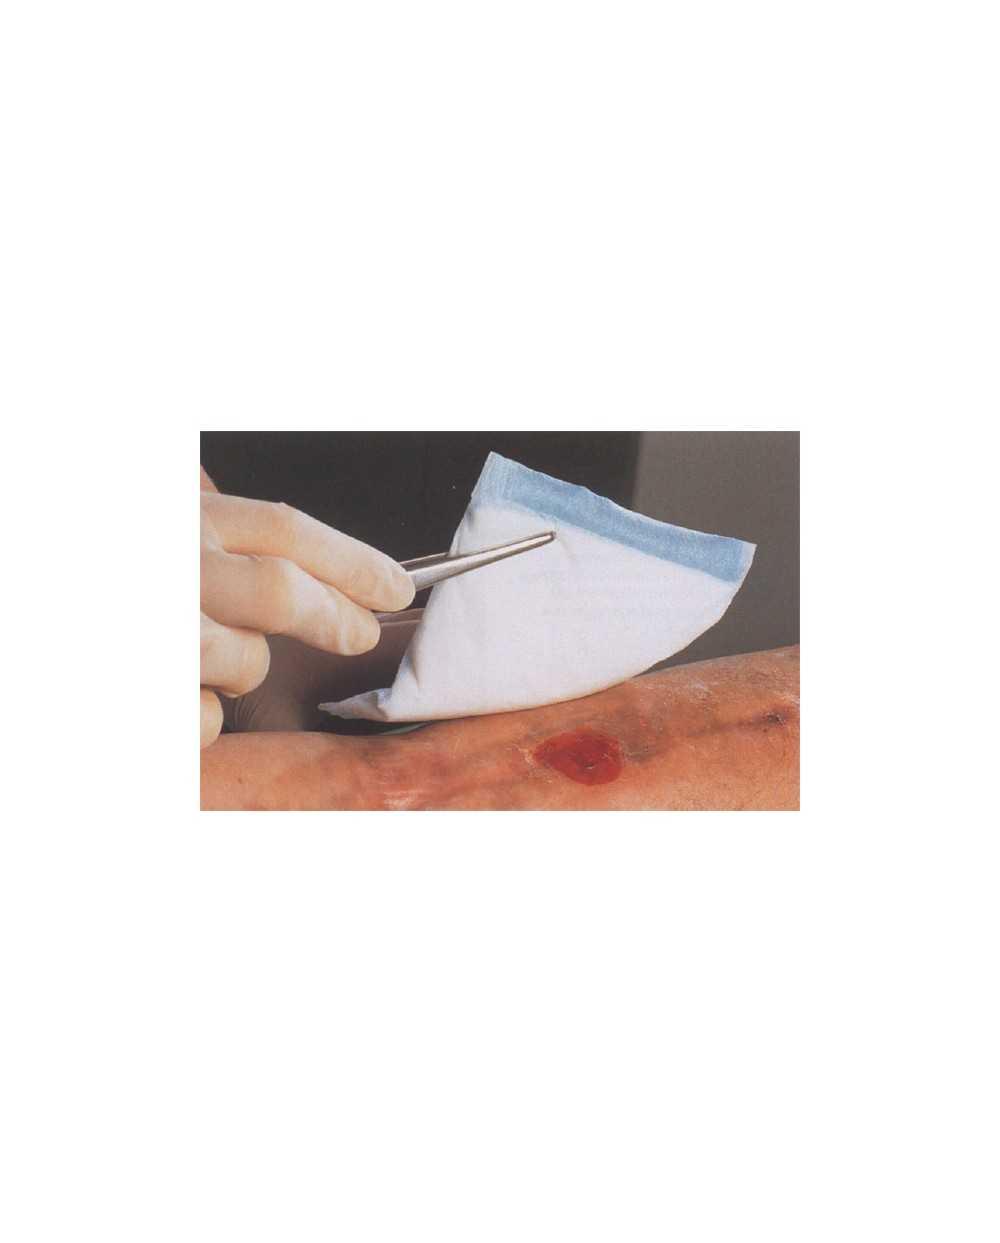 Pansements absorbants EUROVIT, 10 x 10 cm, stérile. Etui de 10